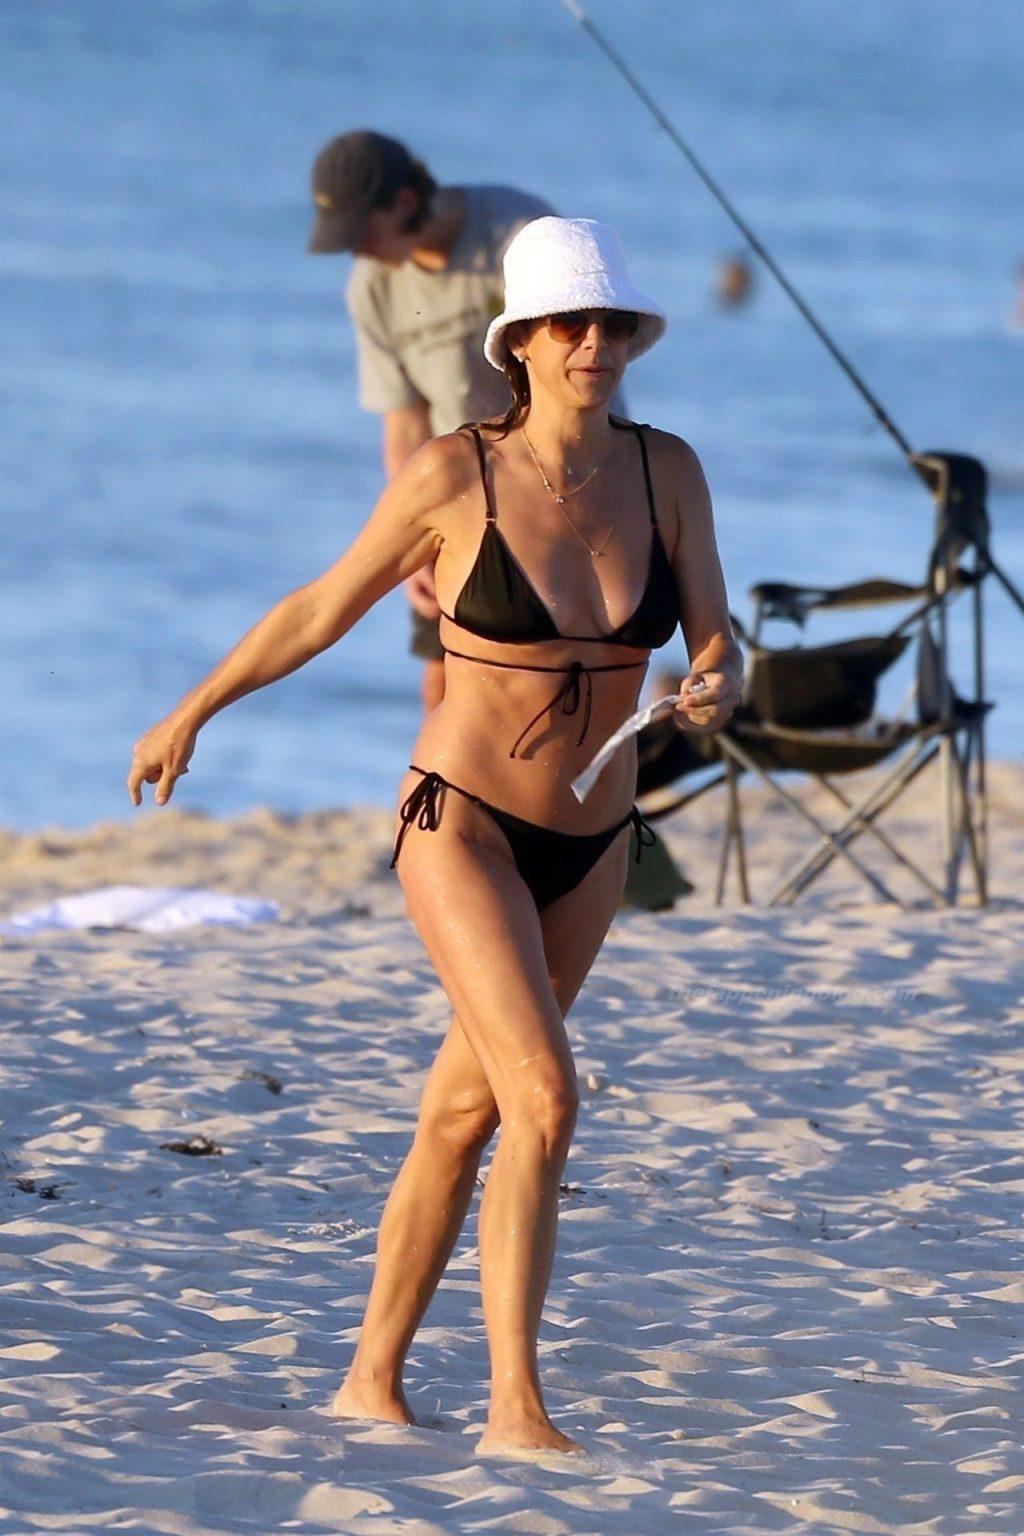 Кейт Уолш в бикини - #TheFappening